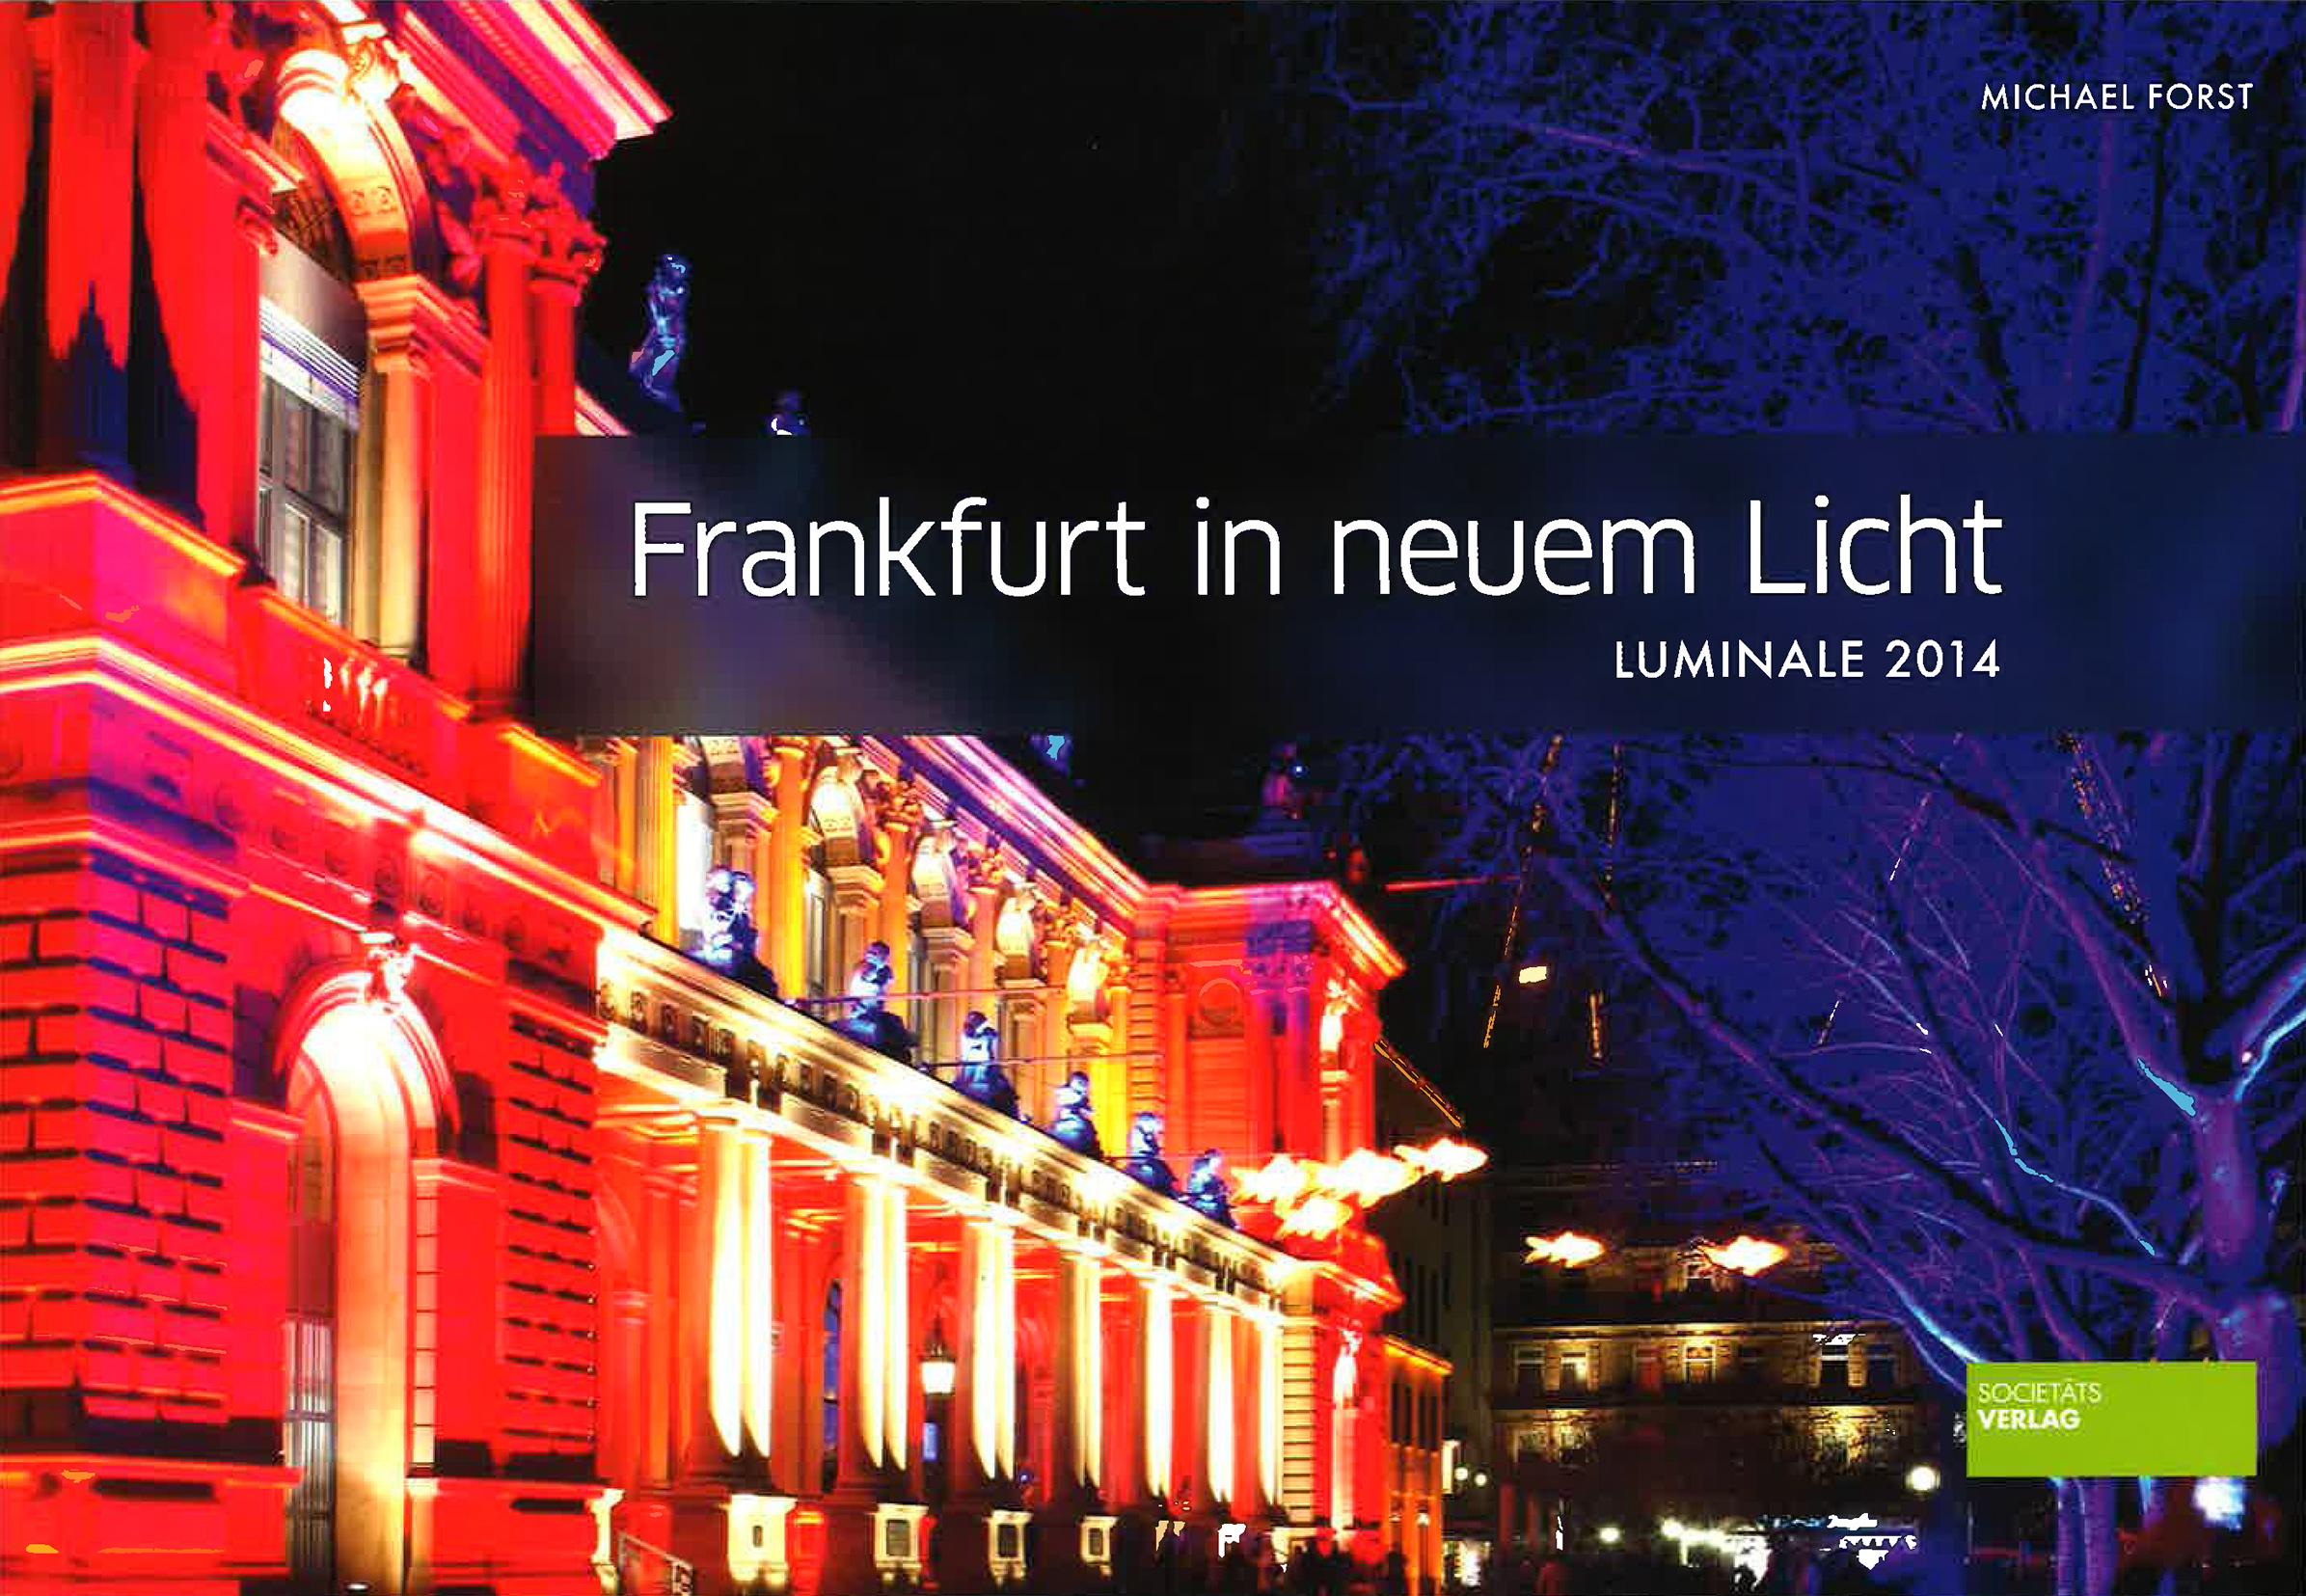 Frankfurt in neuem Licht Luminale 2014 Michael Forst Societäts Verlag, Frankfurt 2014 ISBN 978-3-95542-099-4